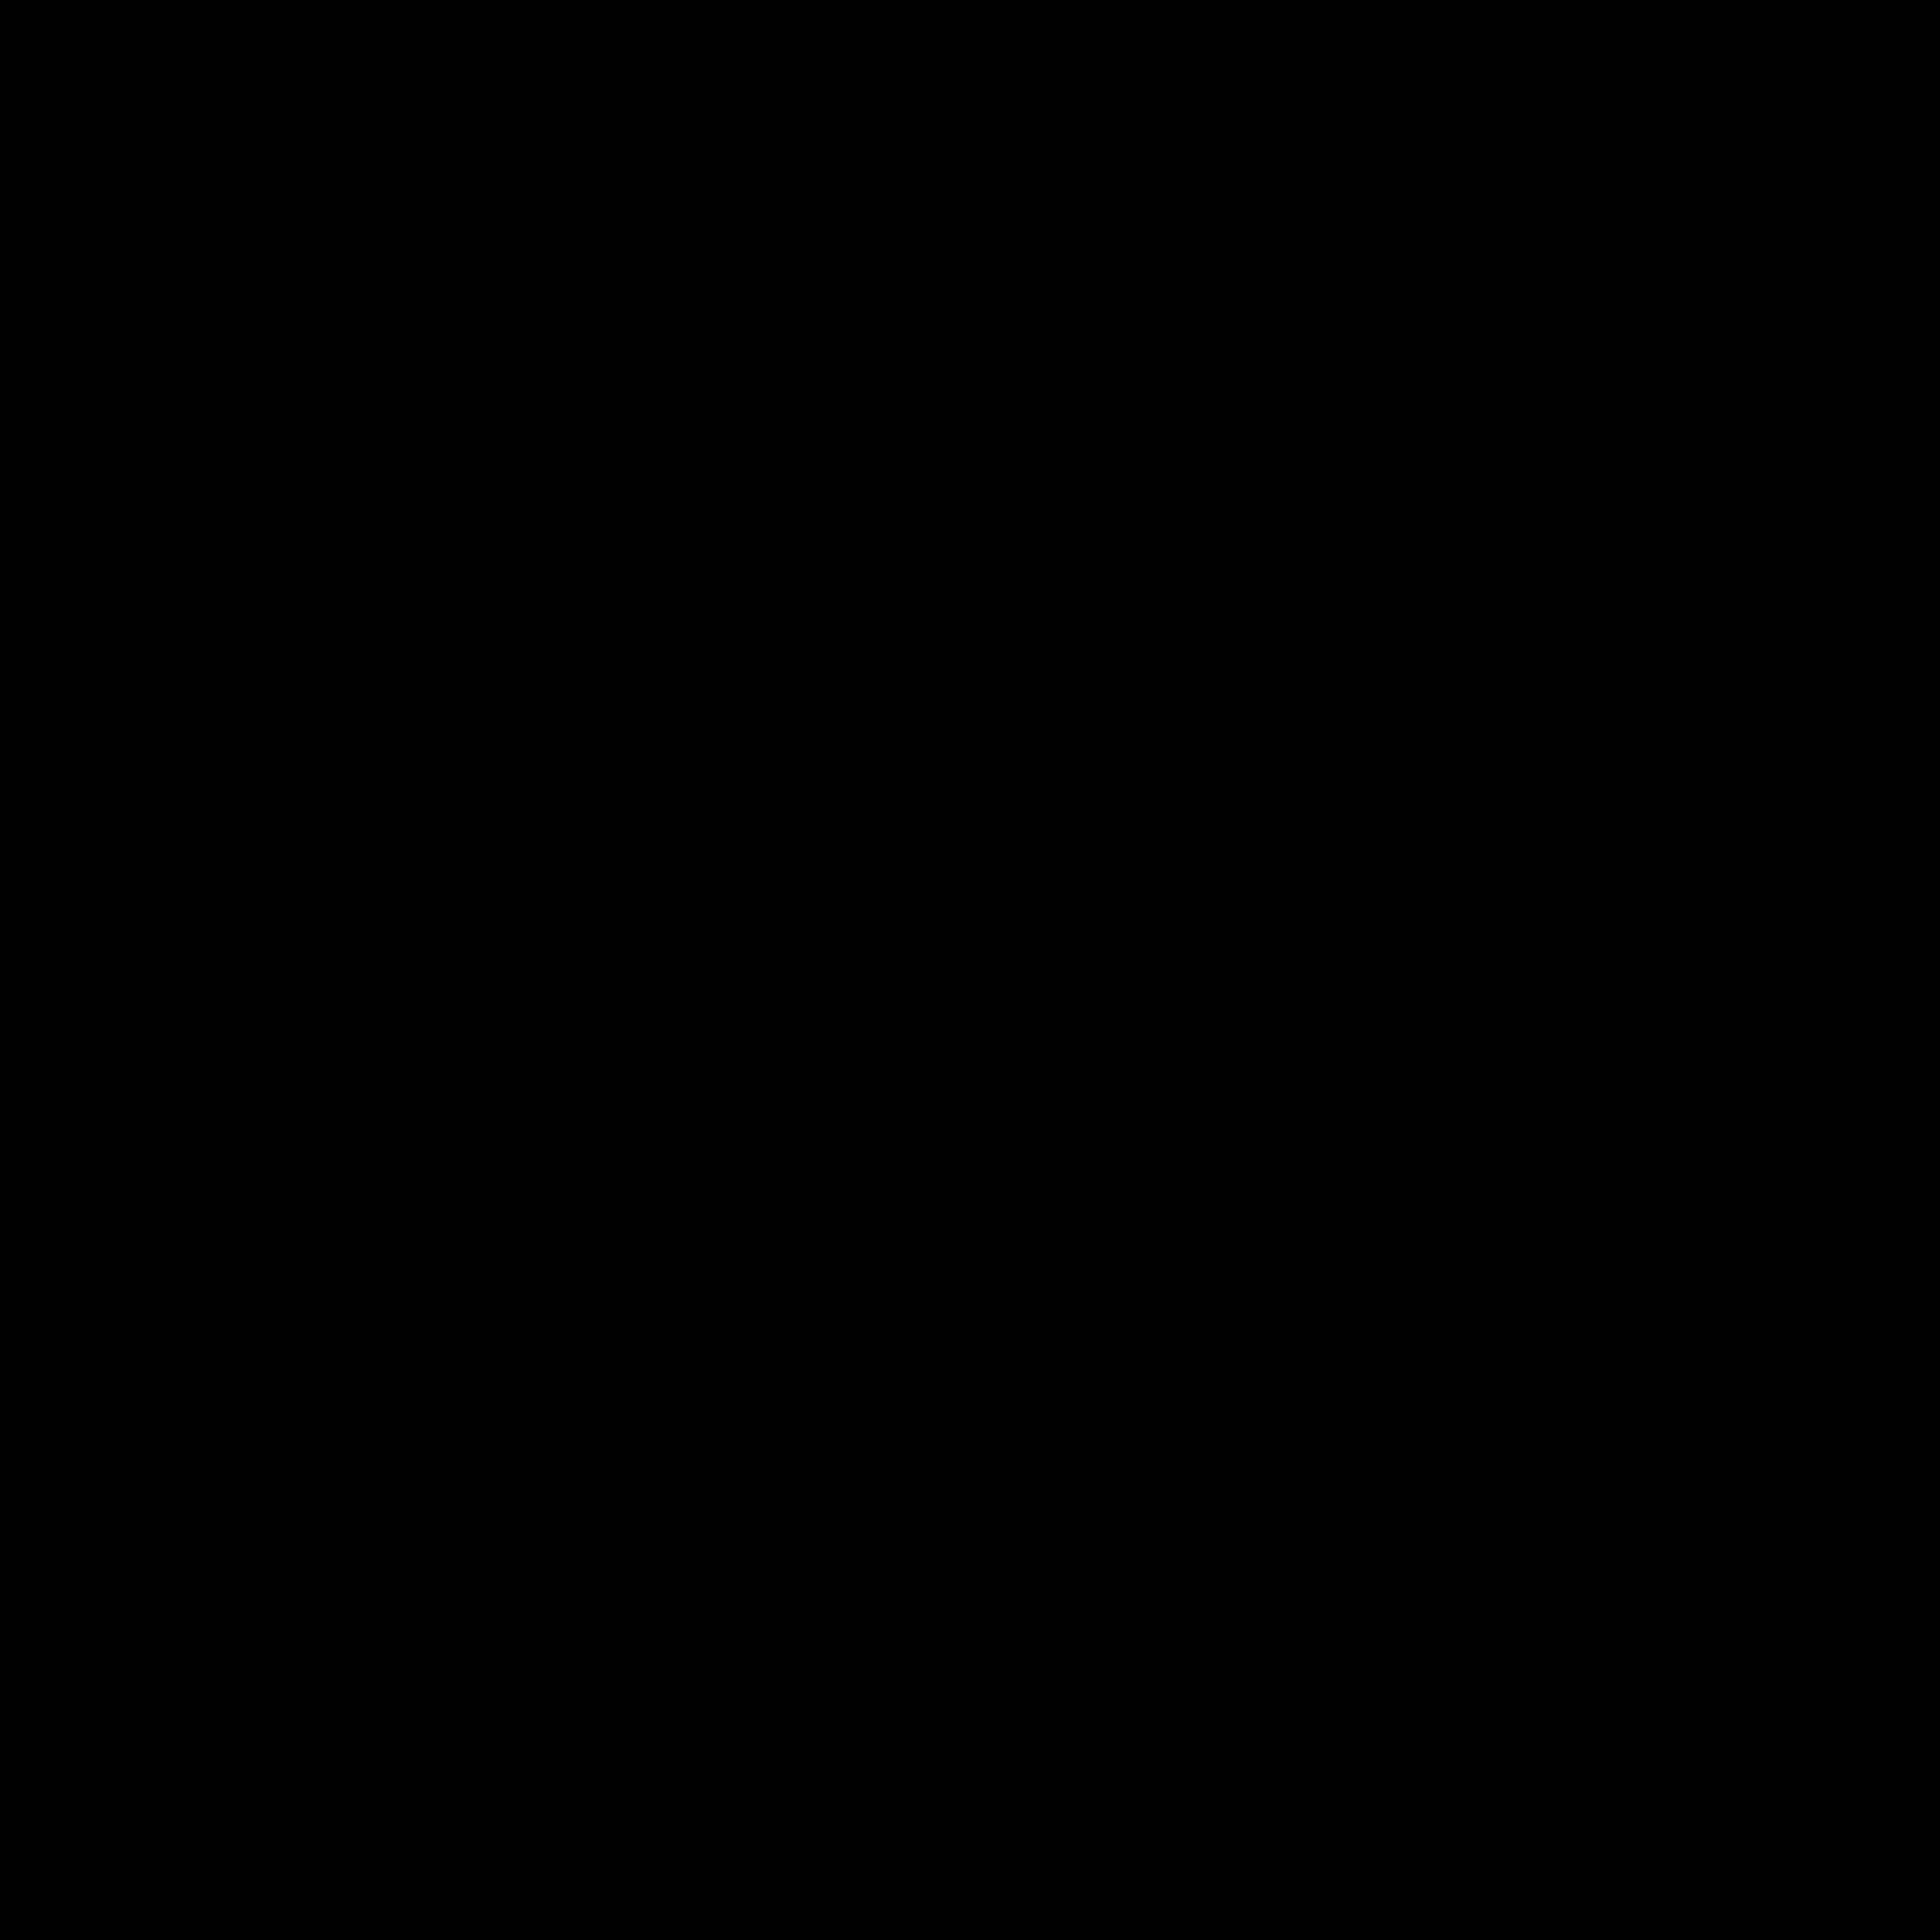 icon-black-check